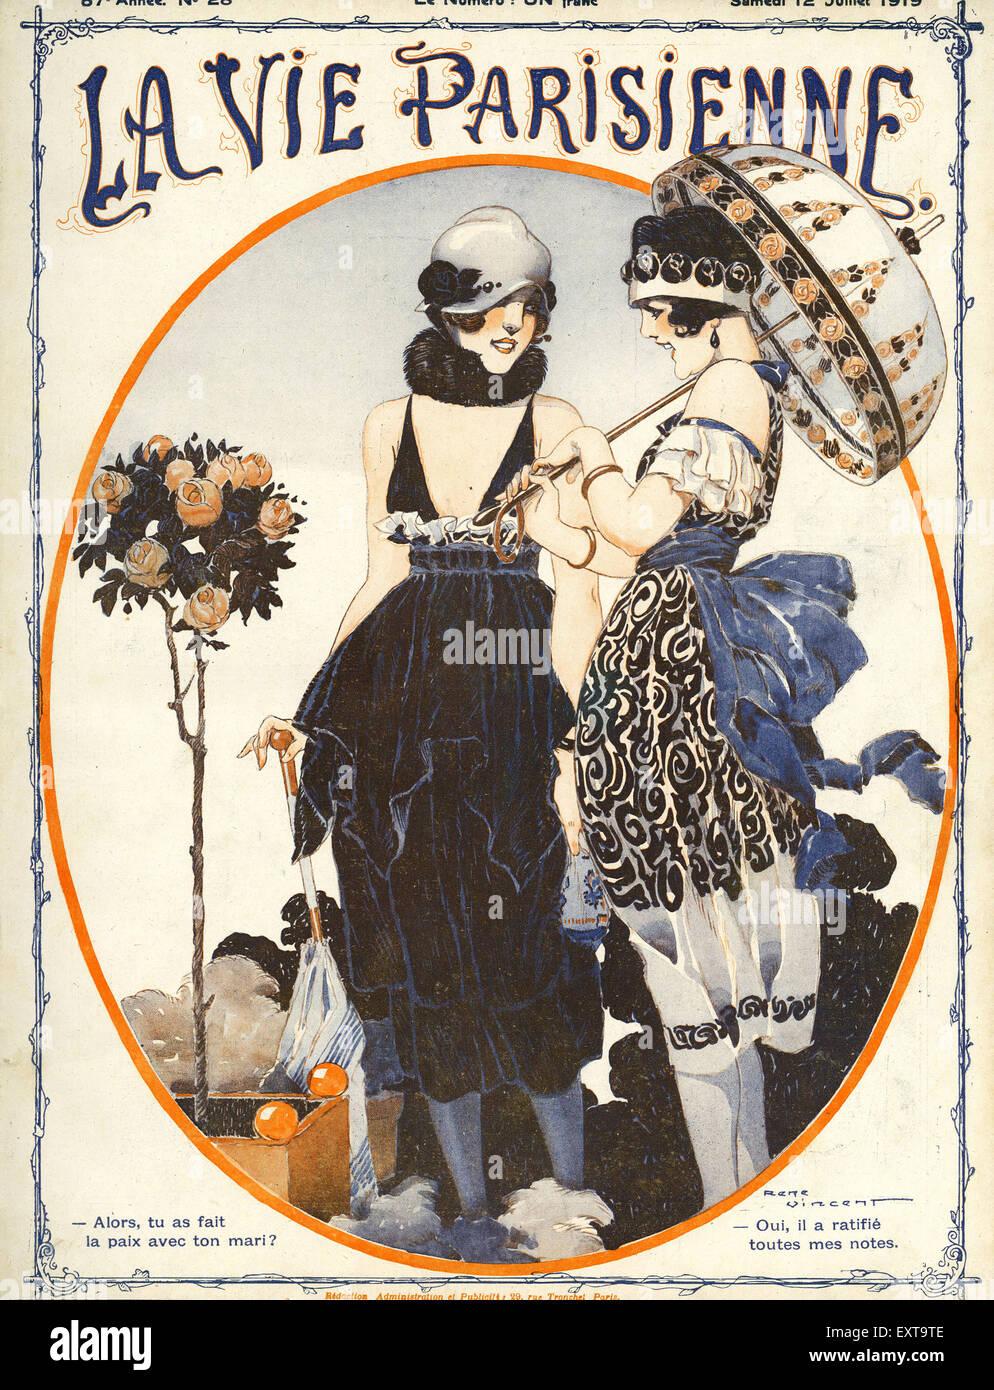 1910s france la vie parisienne magazine cover stock photo royalty free image - La parisienne journal ...